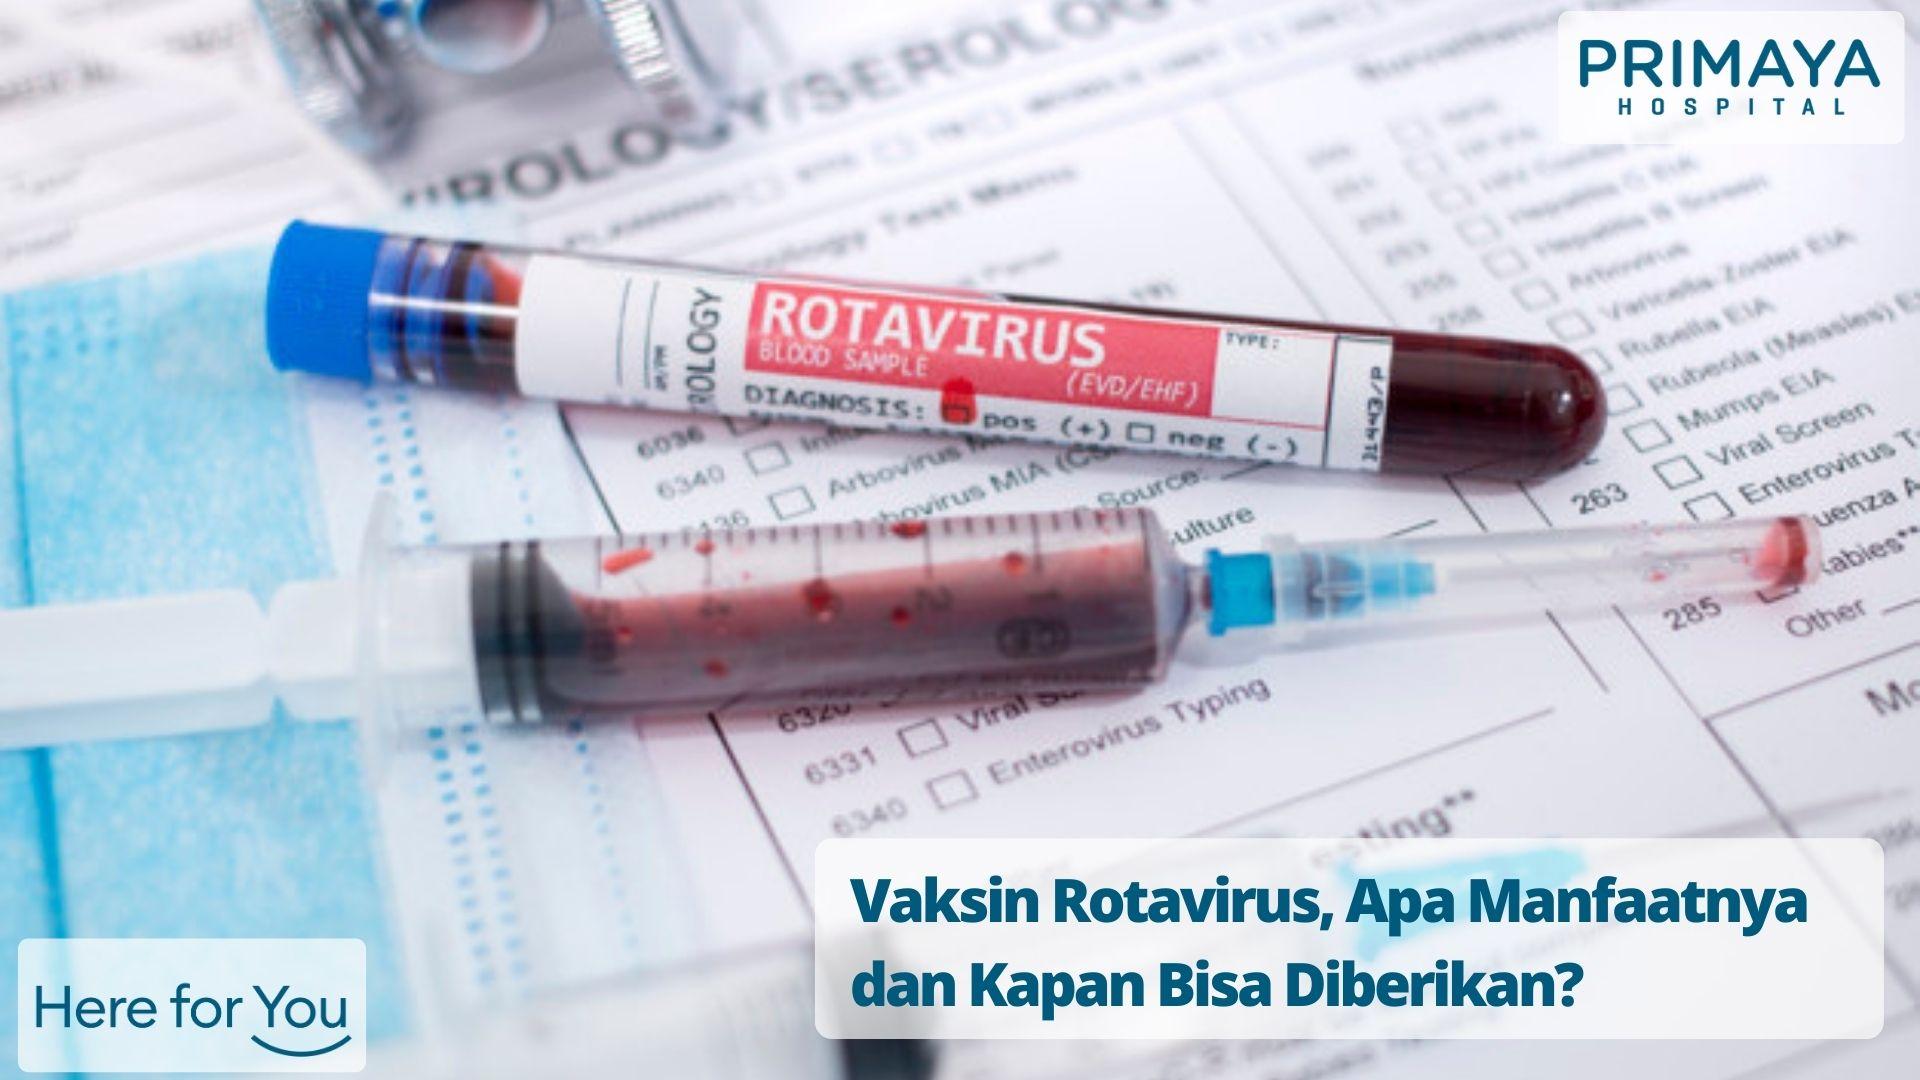 Vaksin Rotavirus, Apa Manfaatnya dan Kapan Bisa Diberikan_